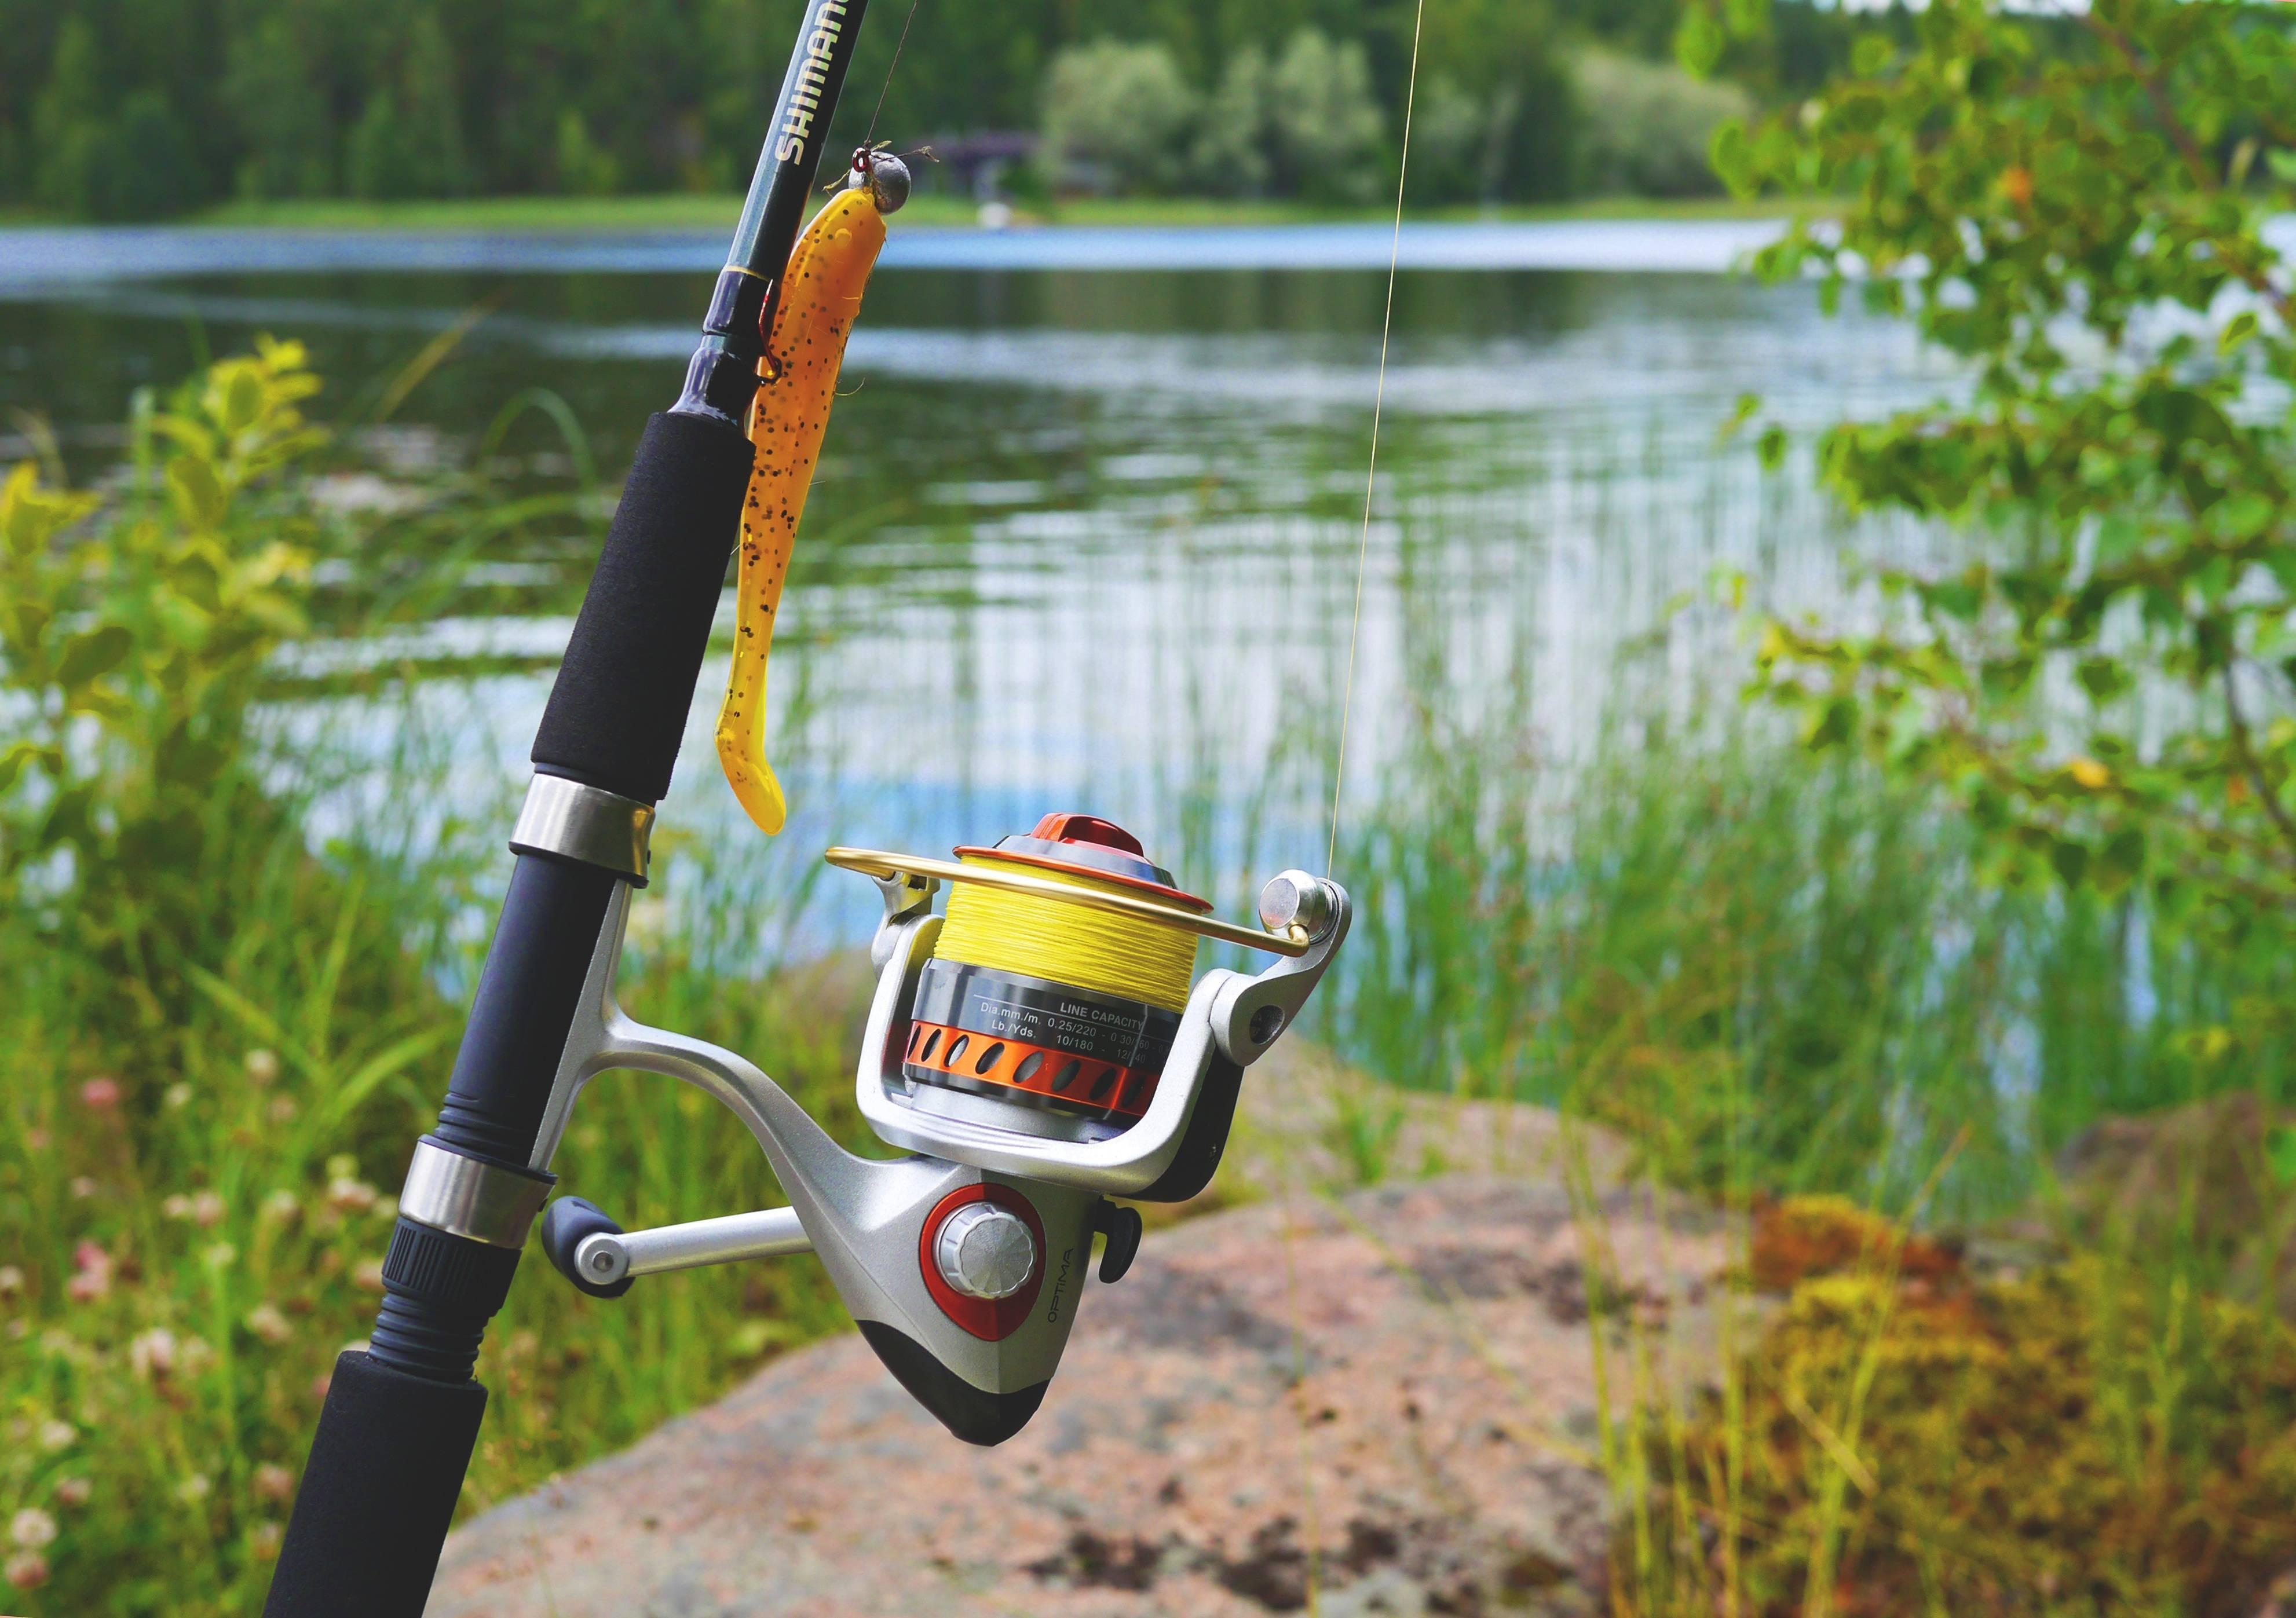 Эхолот для рыбалки с берега, его функции, приемы пользования, лучшие модели